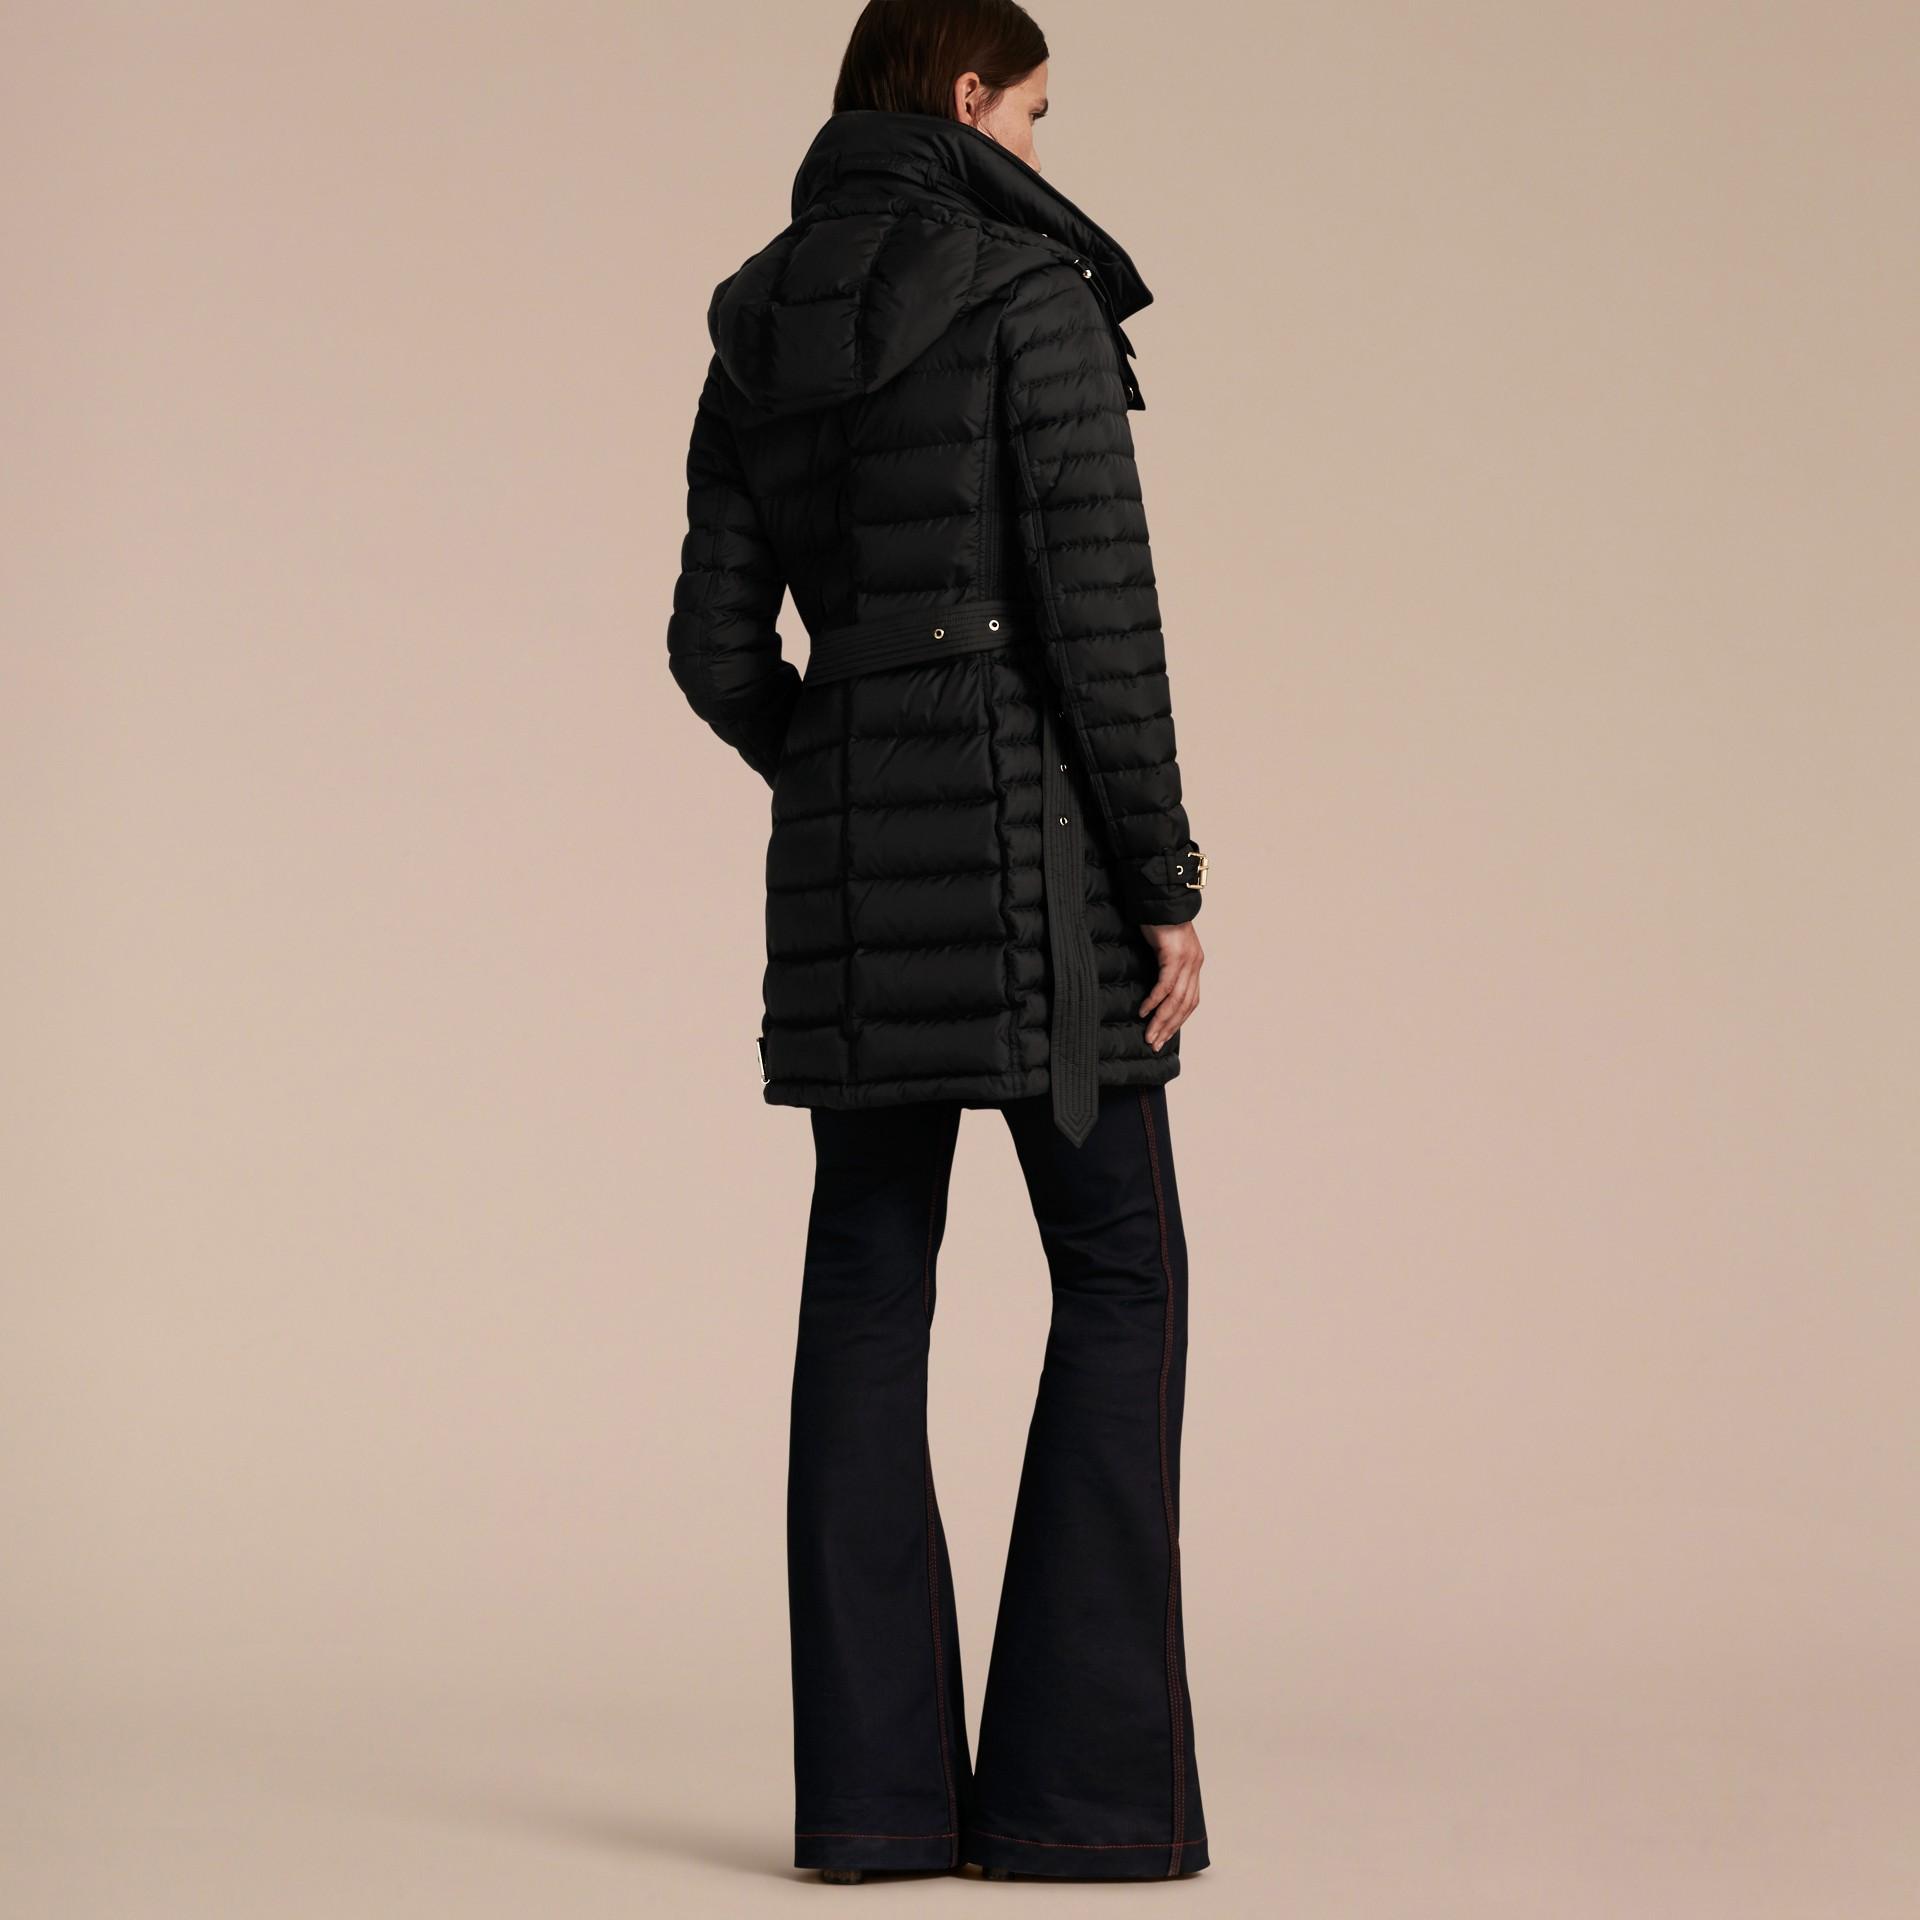 Black Down-filled Puffer Jacket with Packaway Hood Black - gallery image 3